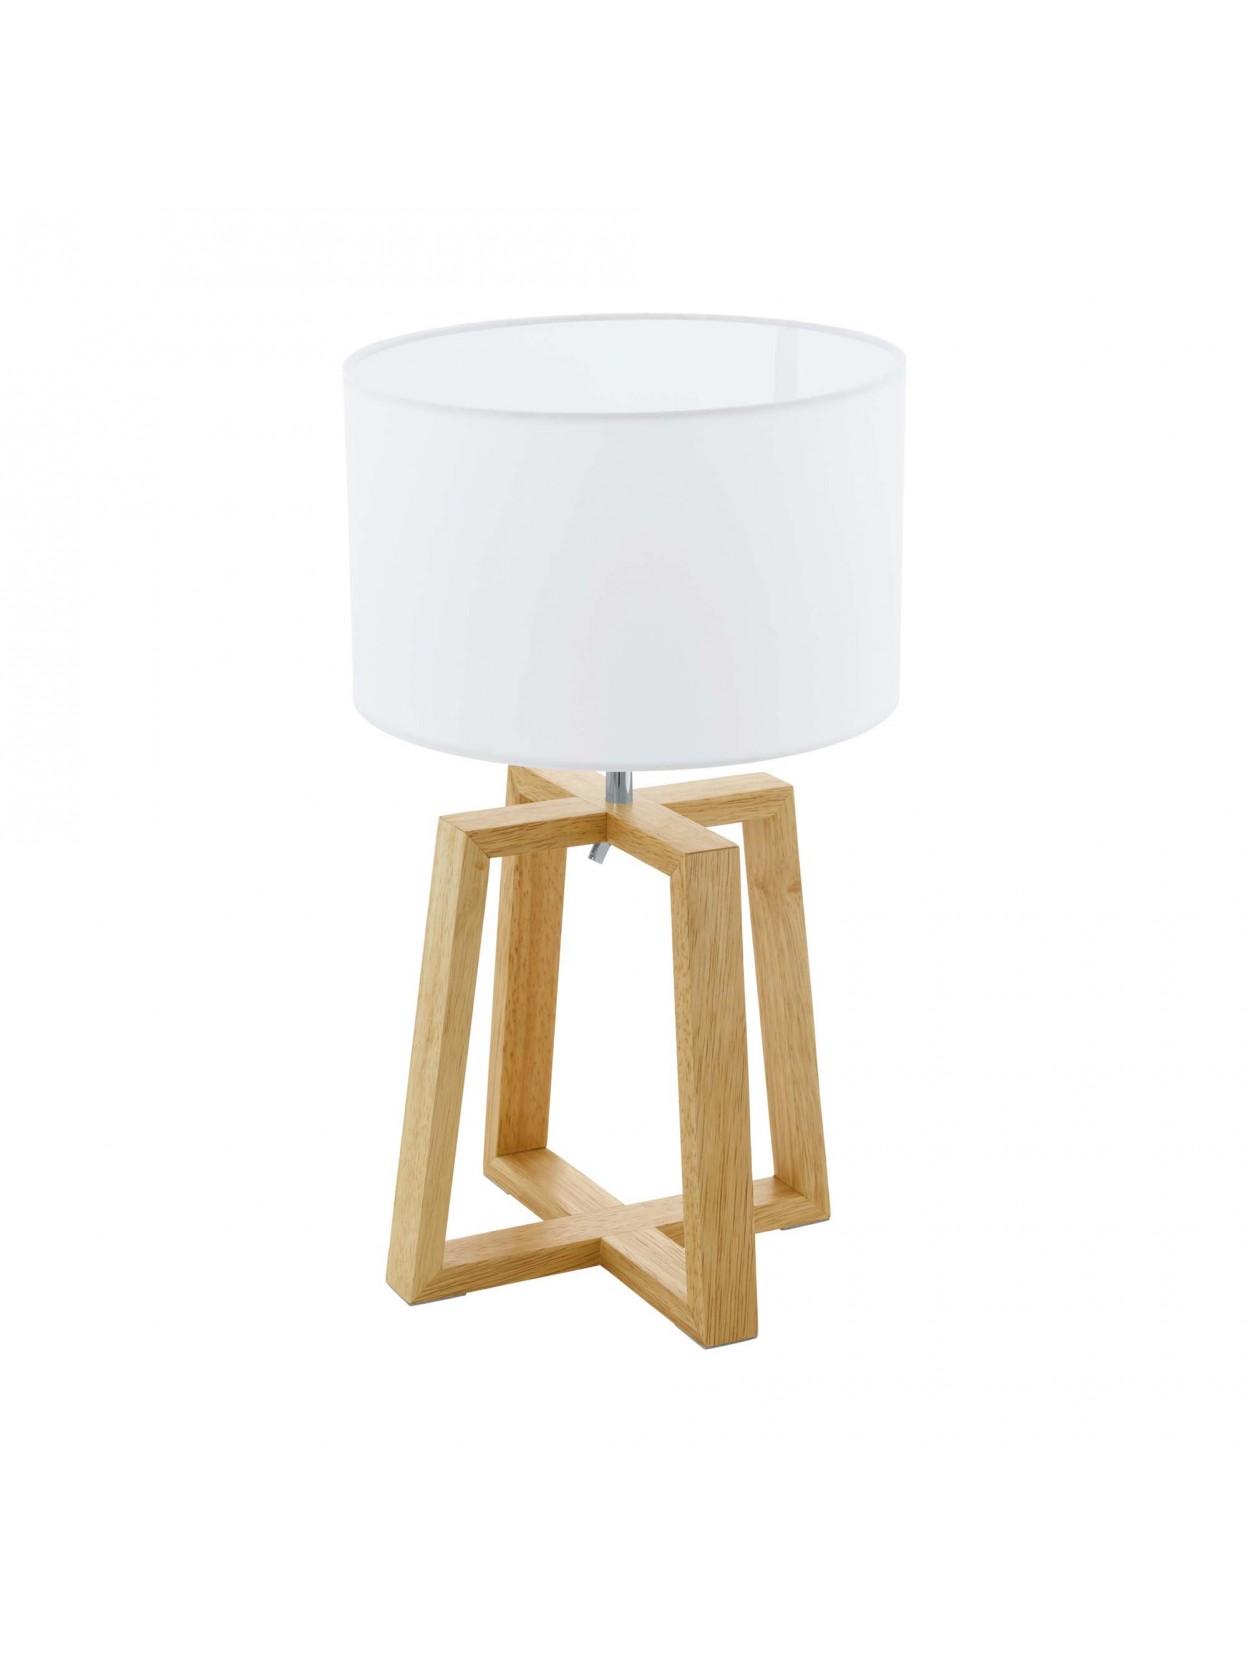 Design Lampade Da Tavolo lampada da tavolo moderna design legno glo 97516 chietino 1